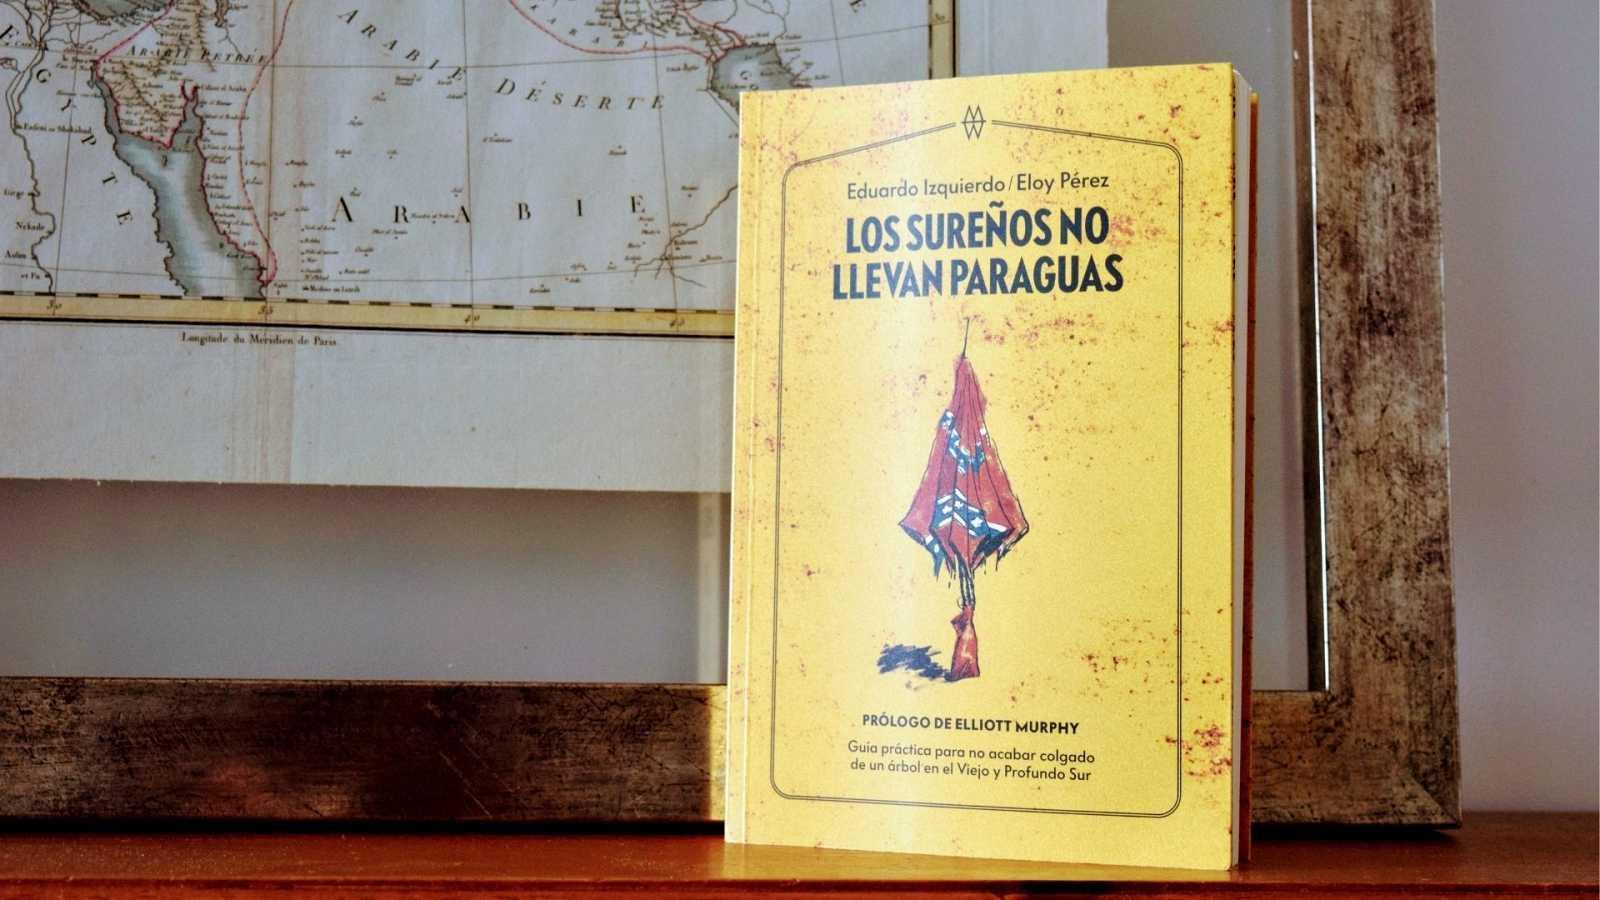 Oxiana - Eduardo Izquierdo y Eloy Pérez | Los sureños no llevan paraguas - Escuchar ahora